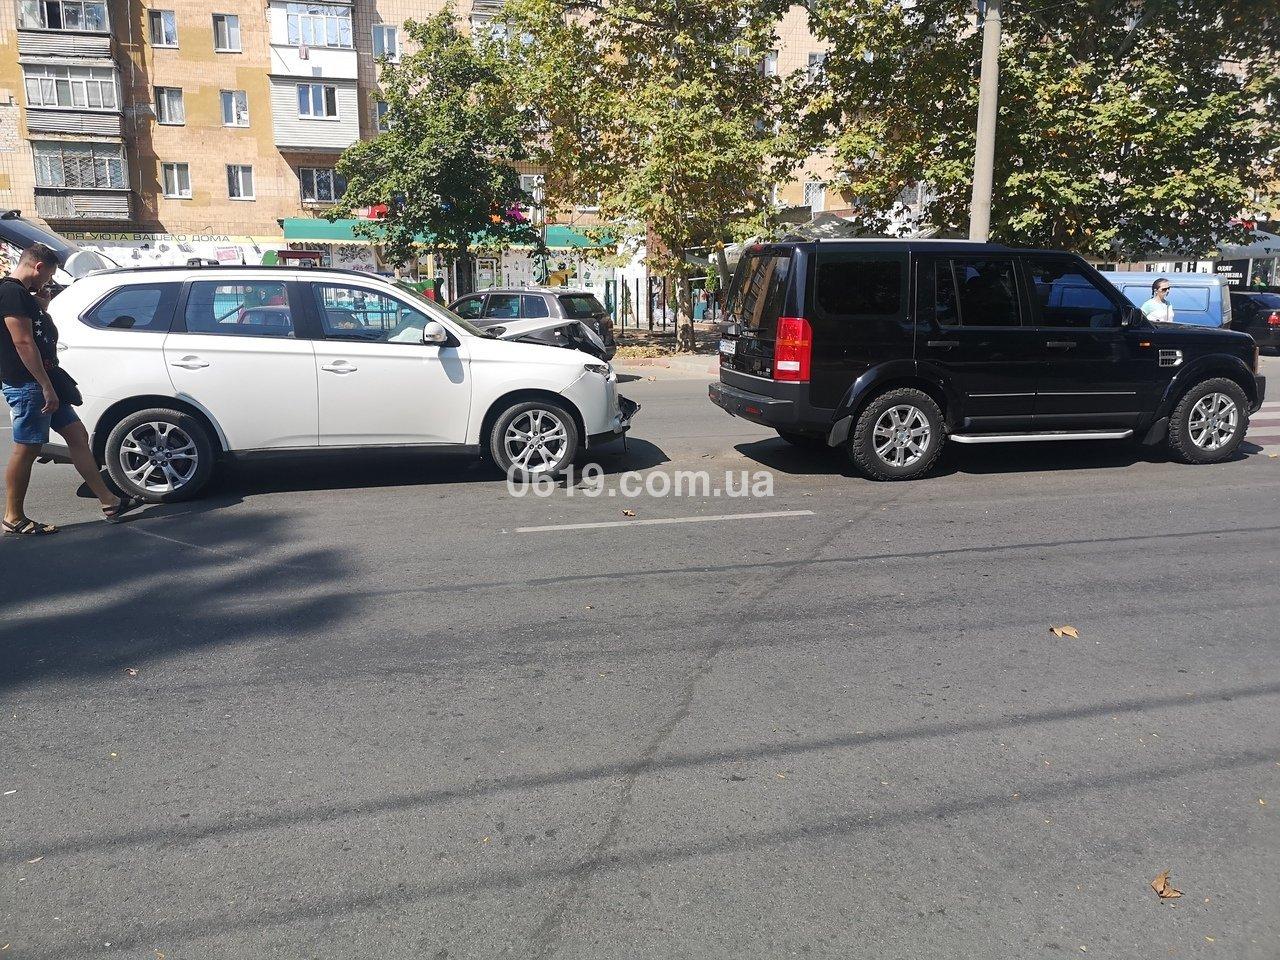 В Мелитополе столкнулись две иномарки, - ФОТО, фото-2